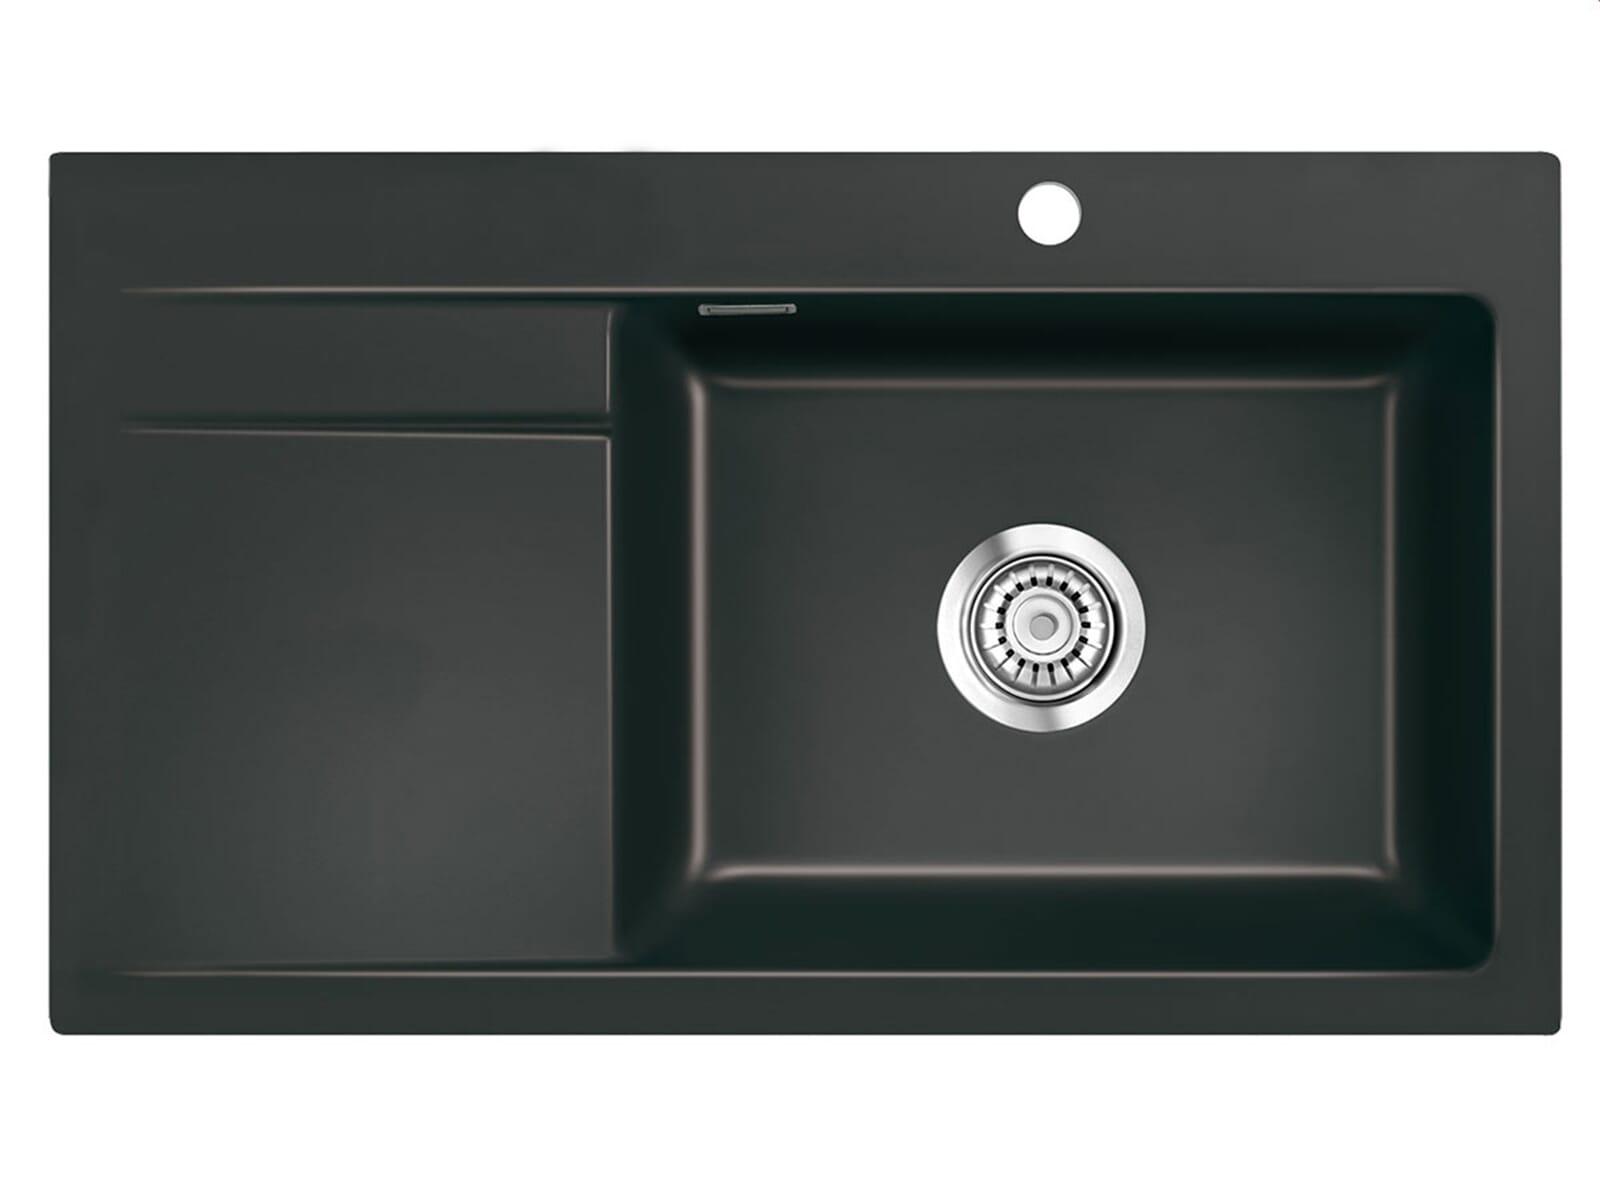 Systemceram Stema 86 SL Nigra Keramikspüle Handbetätigung